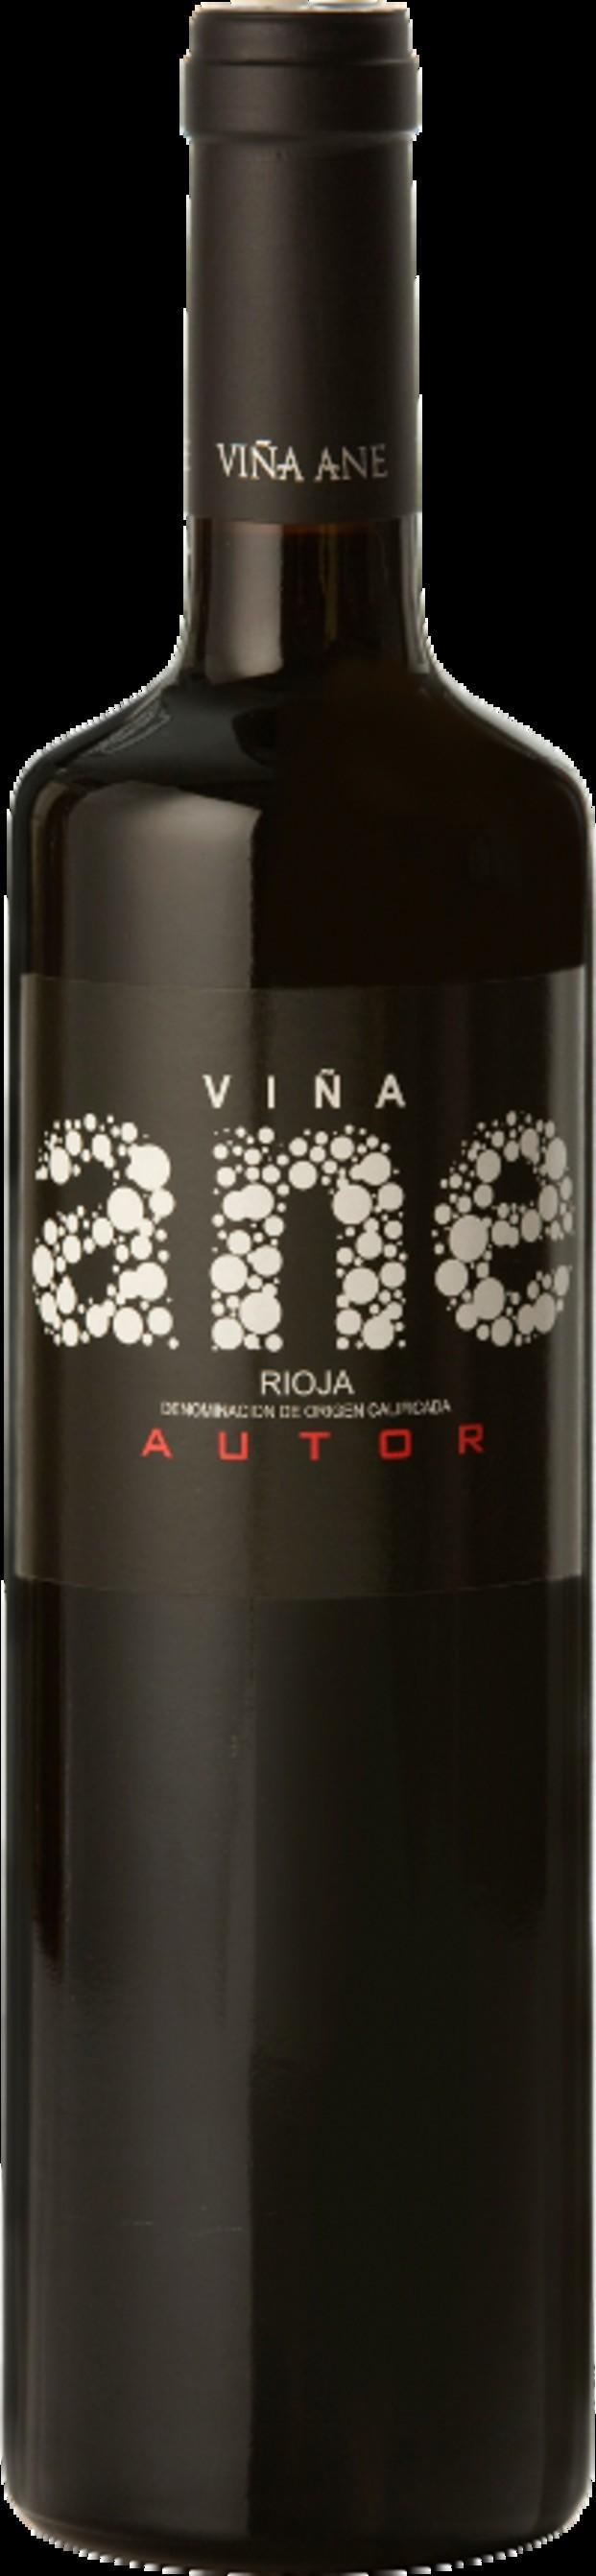 Viña Ane Autor. D.O. Rioja